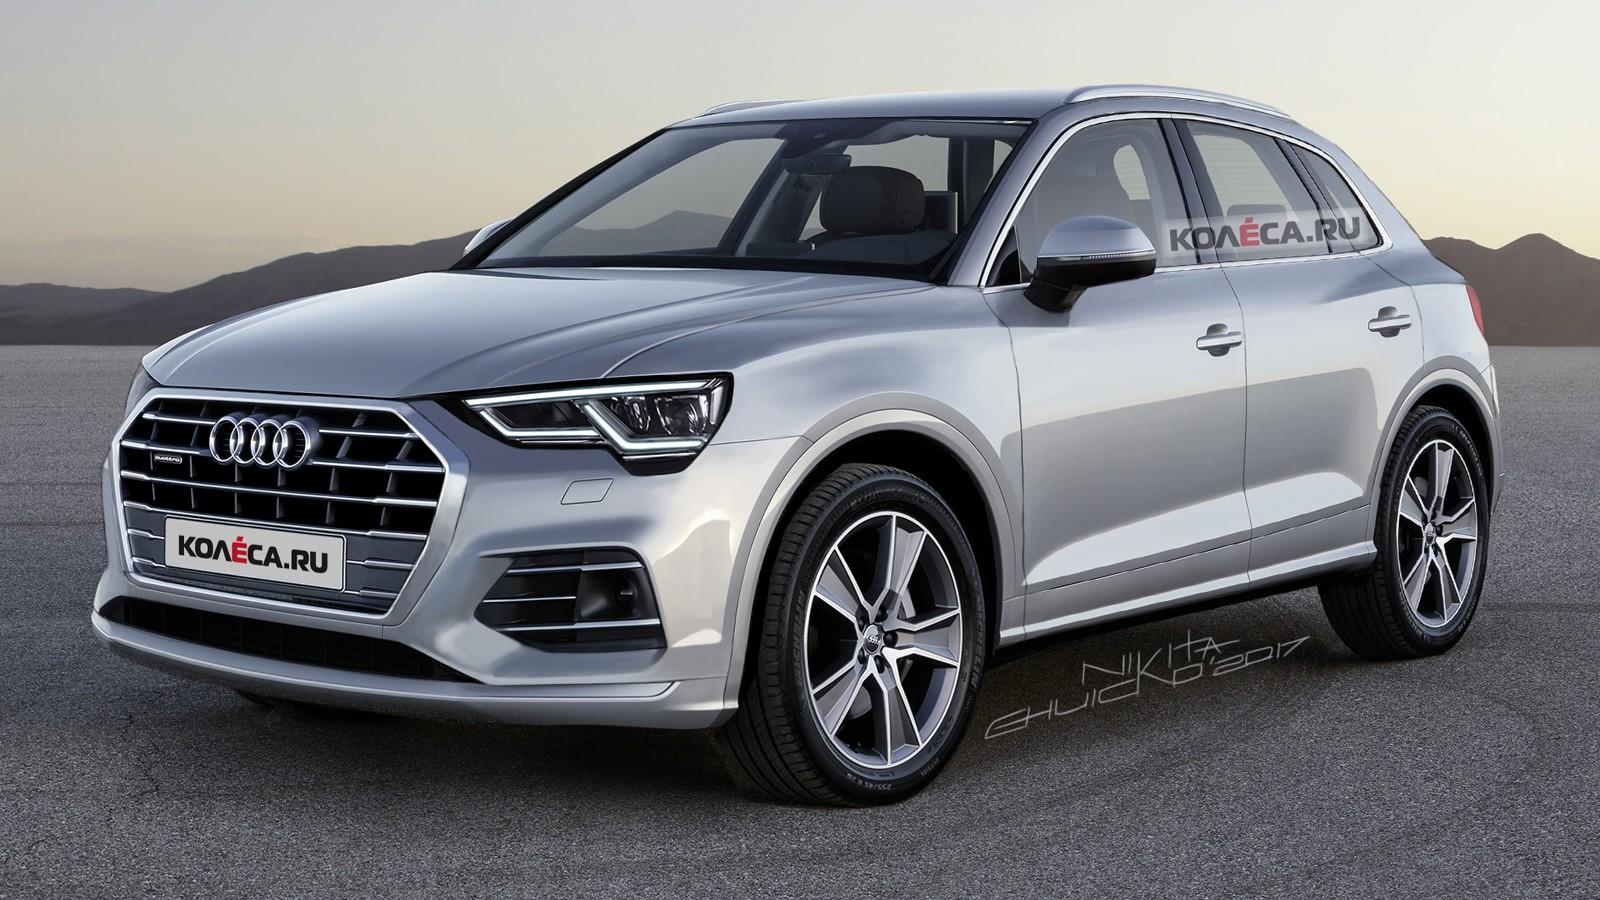 Audi Q3 front1